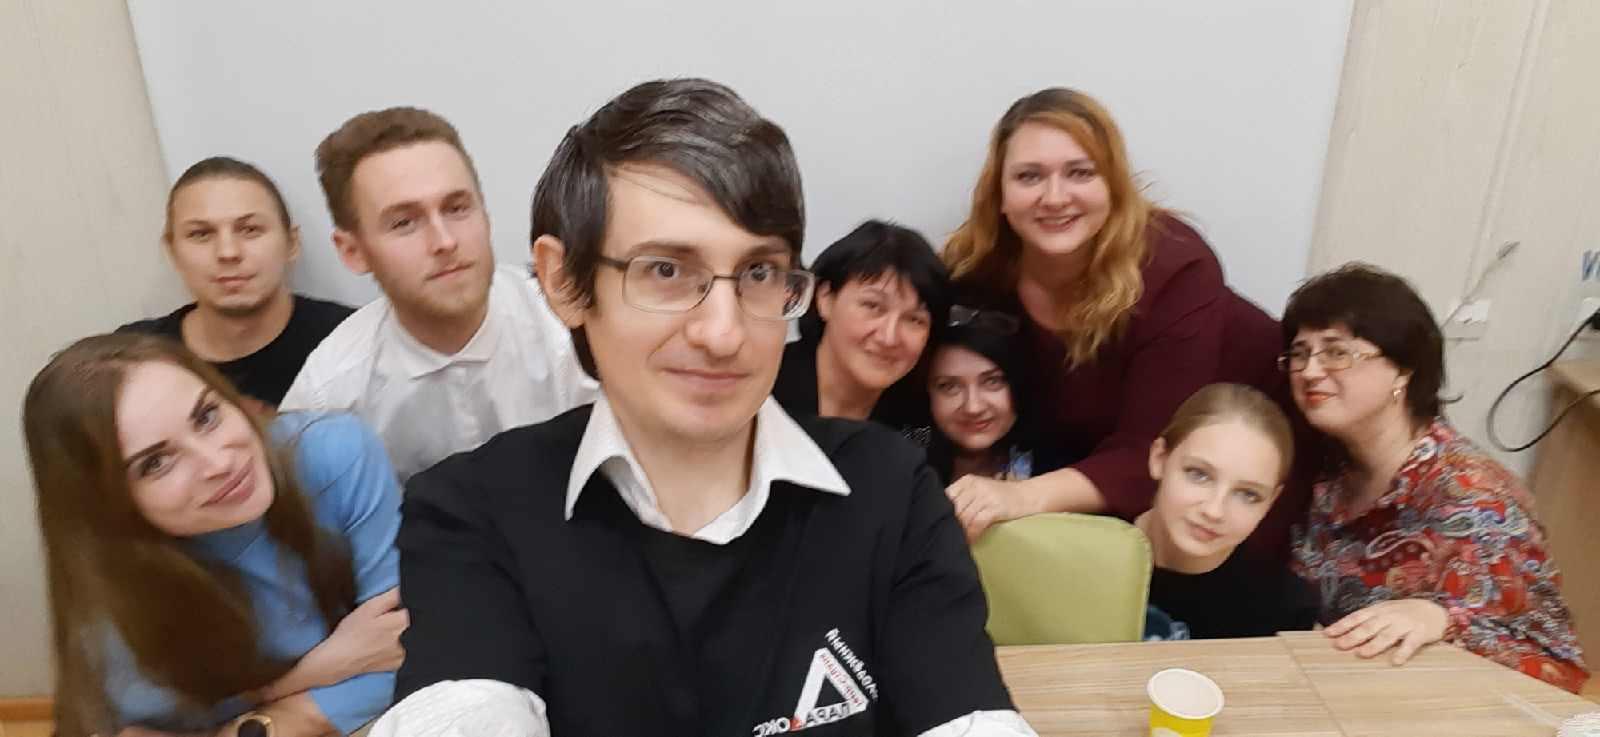 Автор, актер, режиссер Александр Уваров ставит в новороссийском театре «Парадокс» свои моноспектакли